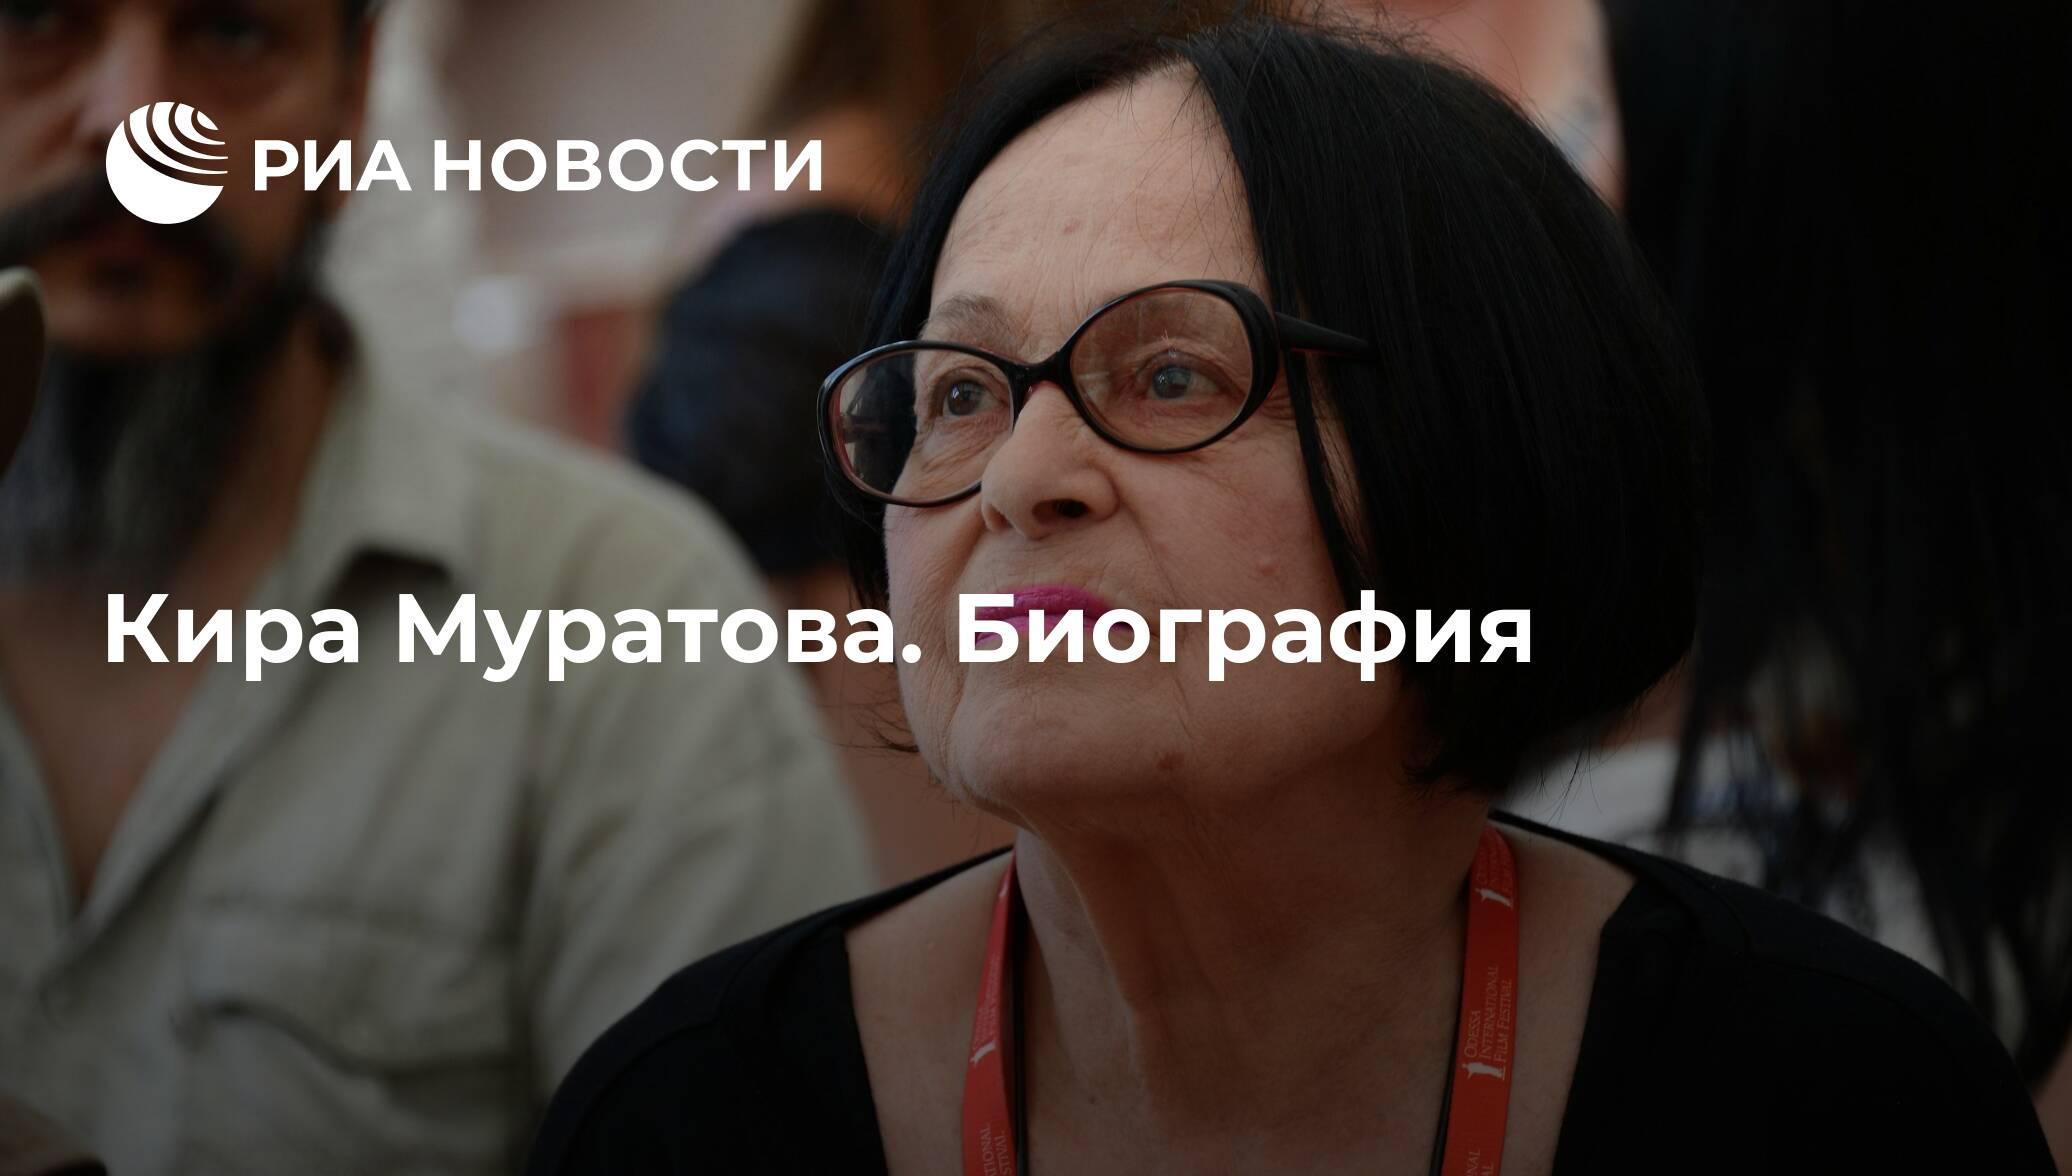 Вчера 6 июня 2018 года ушла из жизни известный режиссер кира муратова